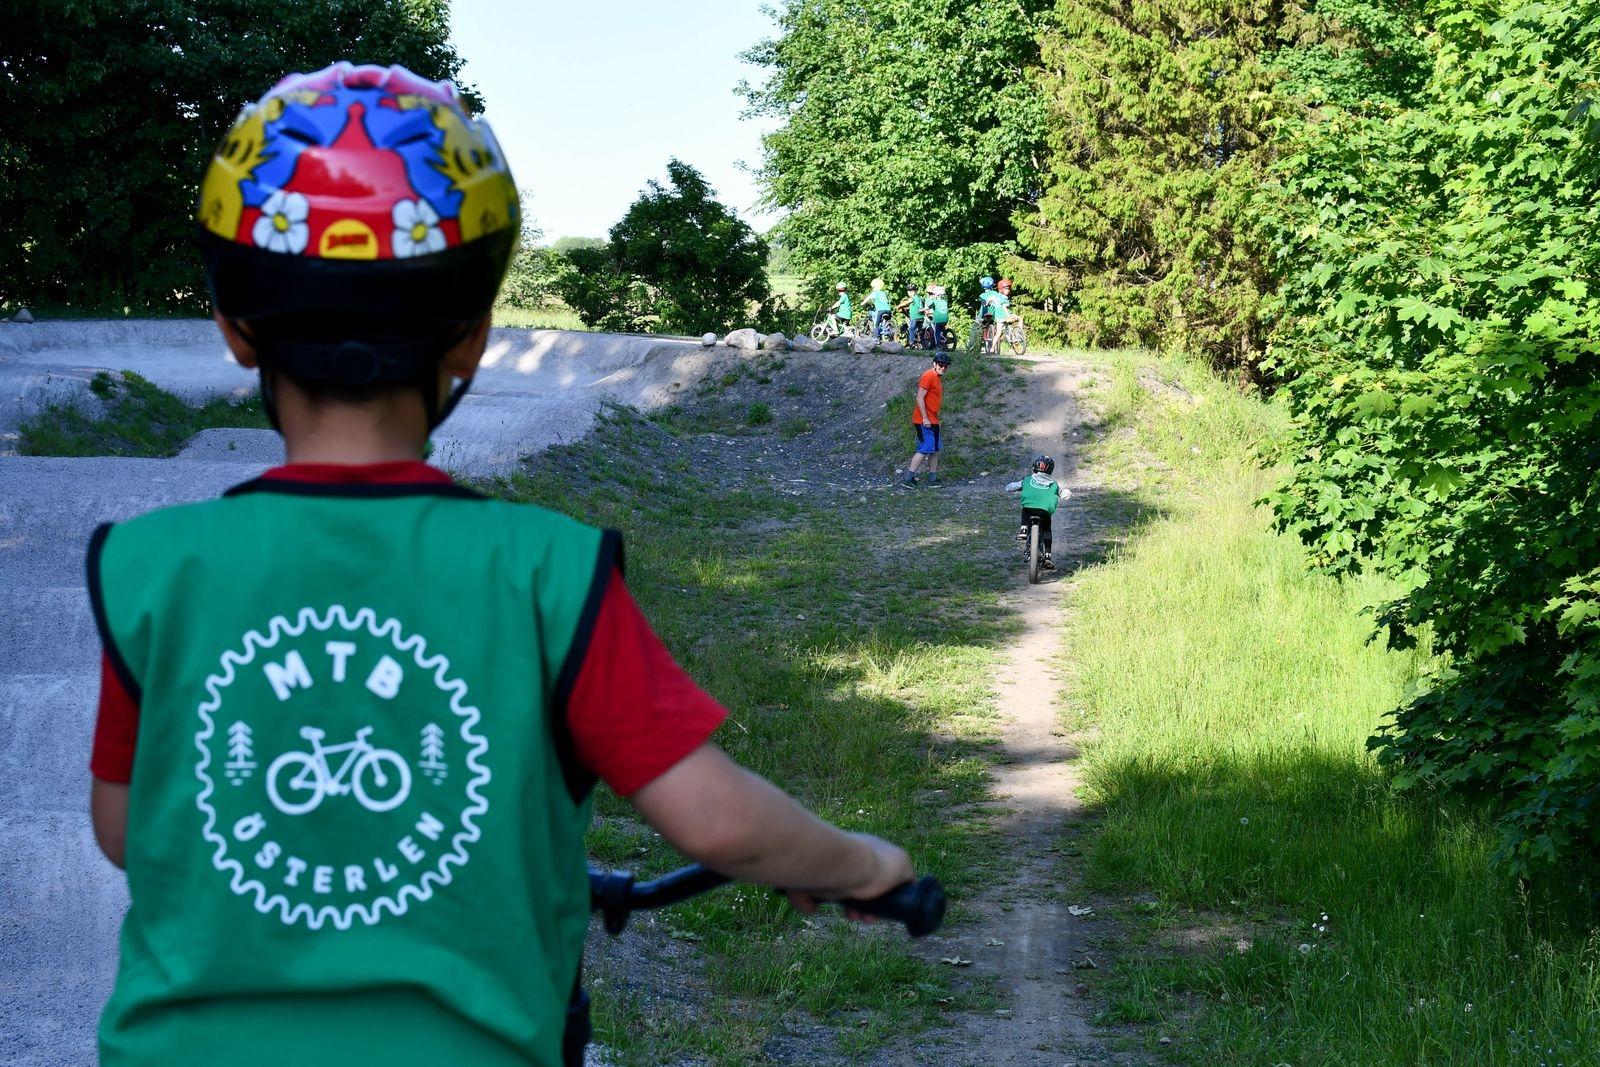 På bara några veckor har de yngsta barnen lärt sig att stå på pedalerna med jämna fötter och våga cykla på pumptrackbanan.